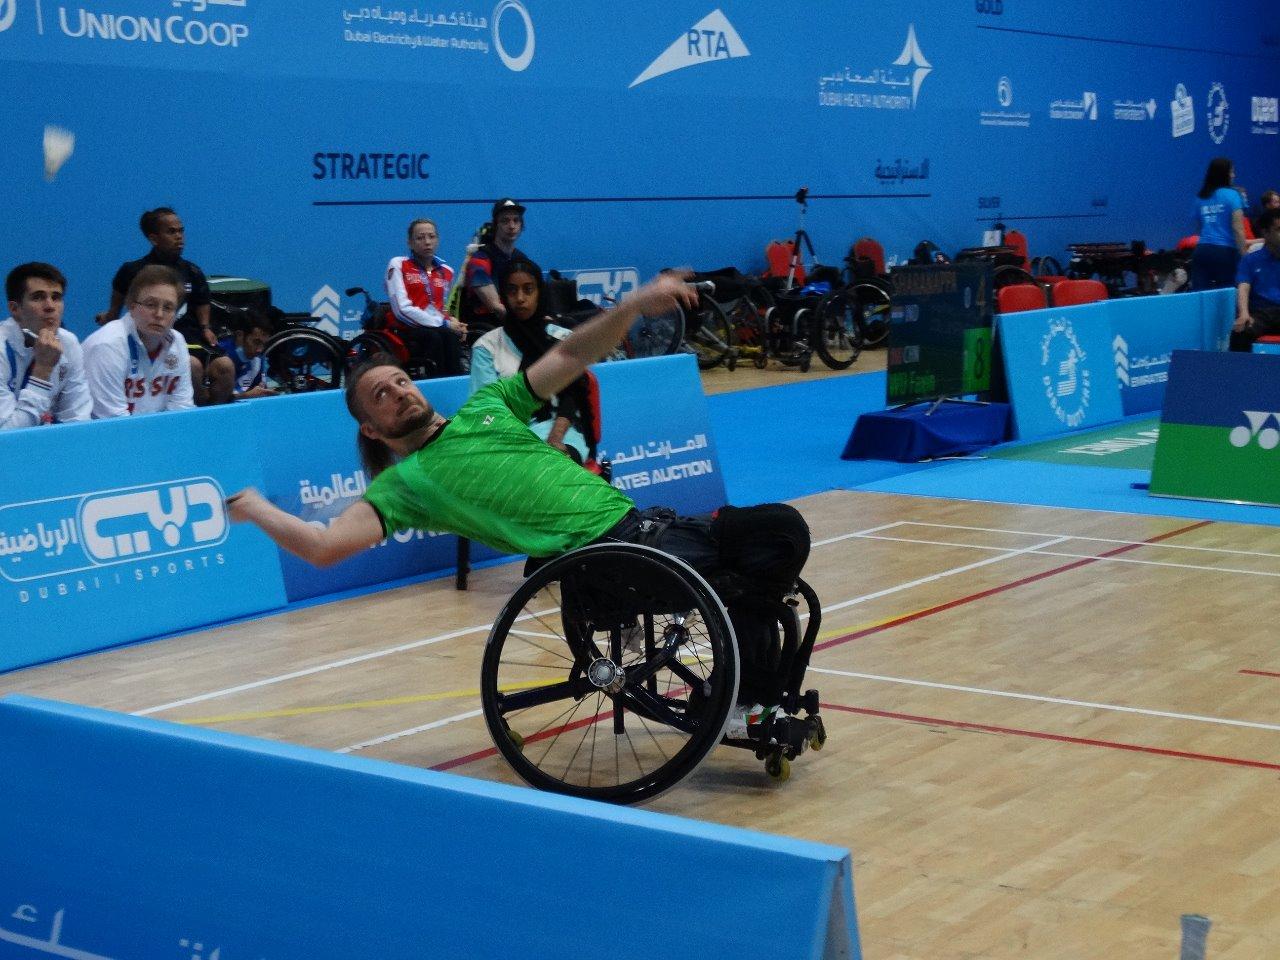 Константин Афиногенов стал бронзовым призером международного турнира по парабадминтону - 2nd Fazza- Dubai Para-Badminton International 2019